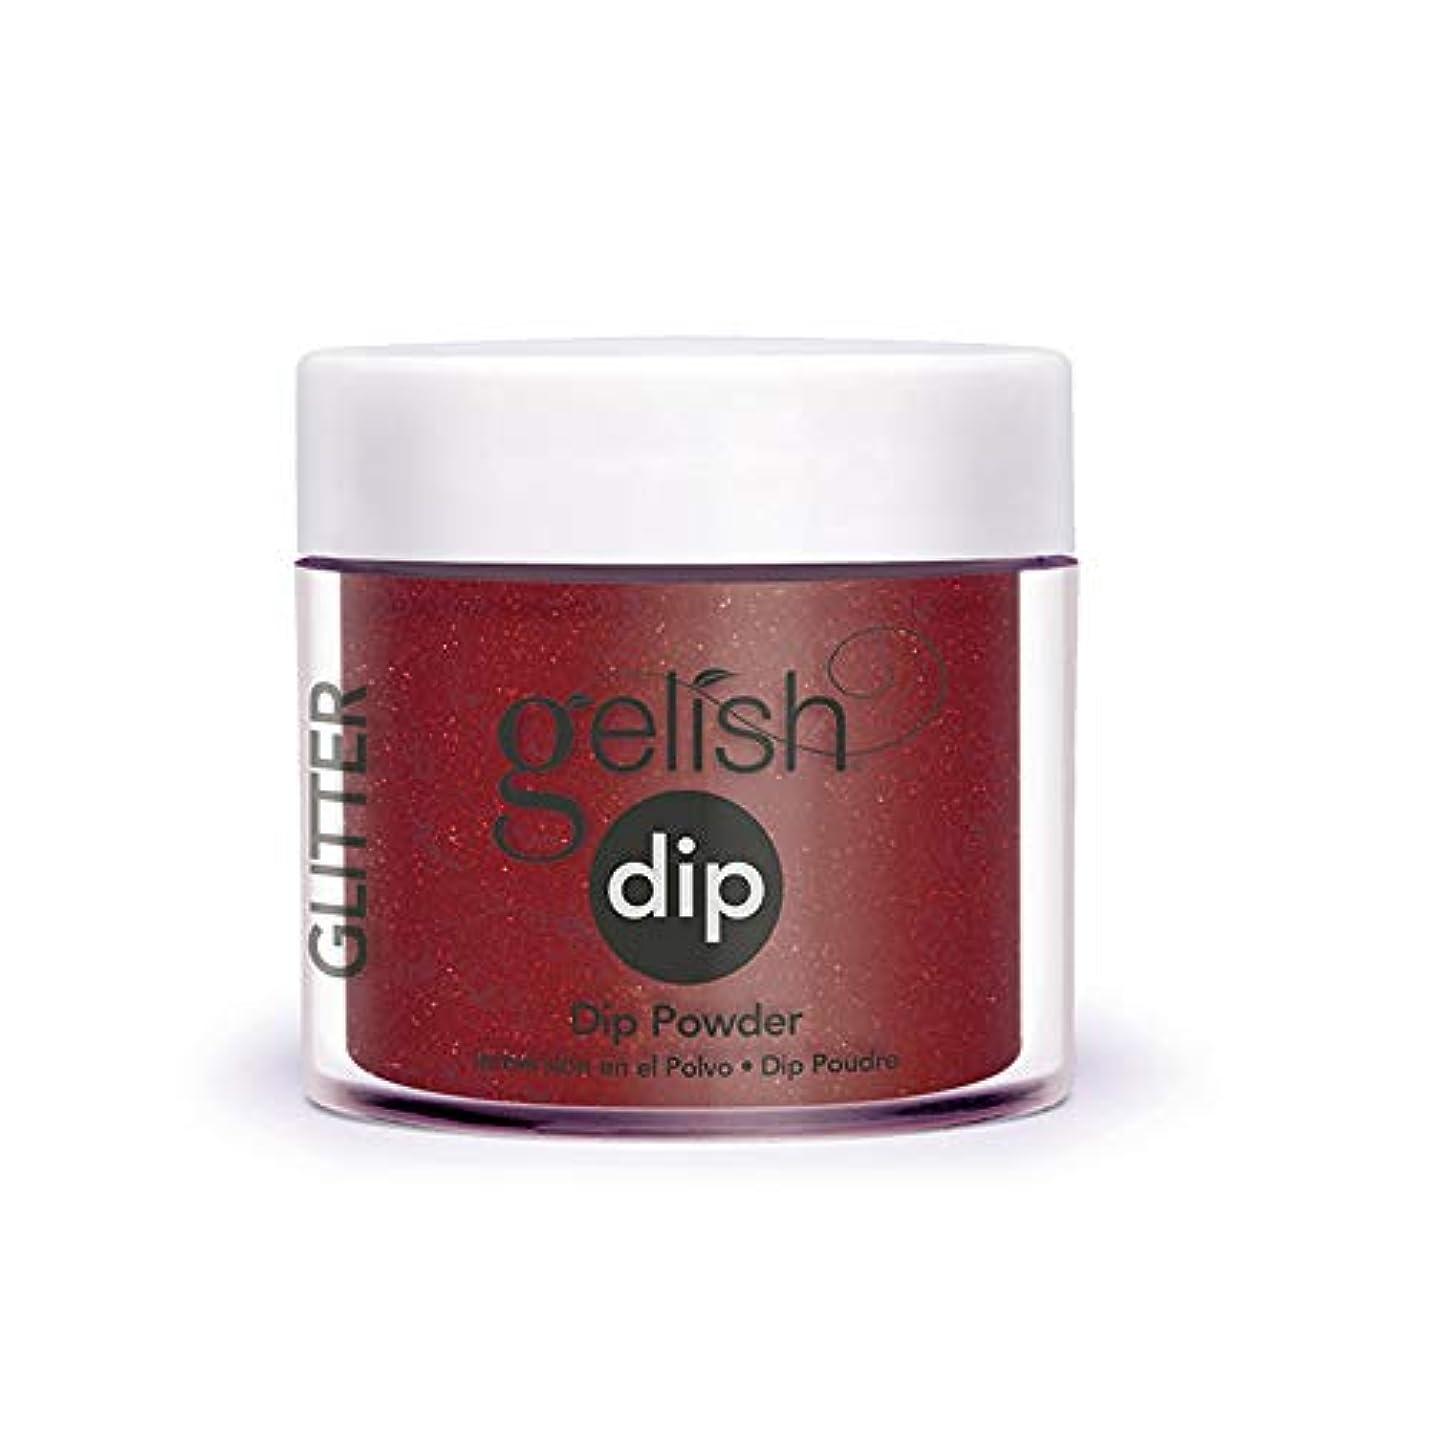 談話スペシャリスト必須Harmony Gelish - Acrylic Dip Powder - Good Gossip - 23g / 0.8oz